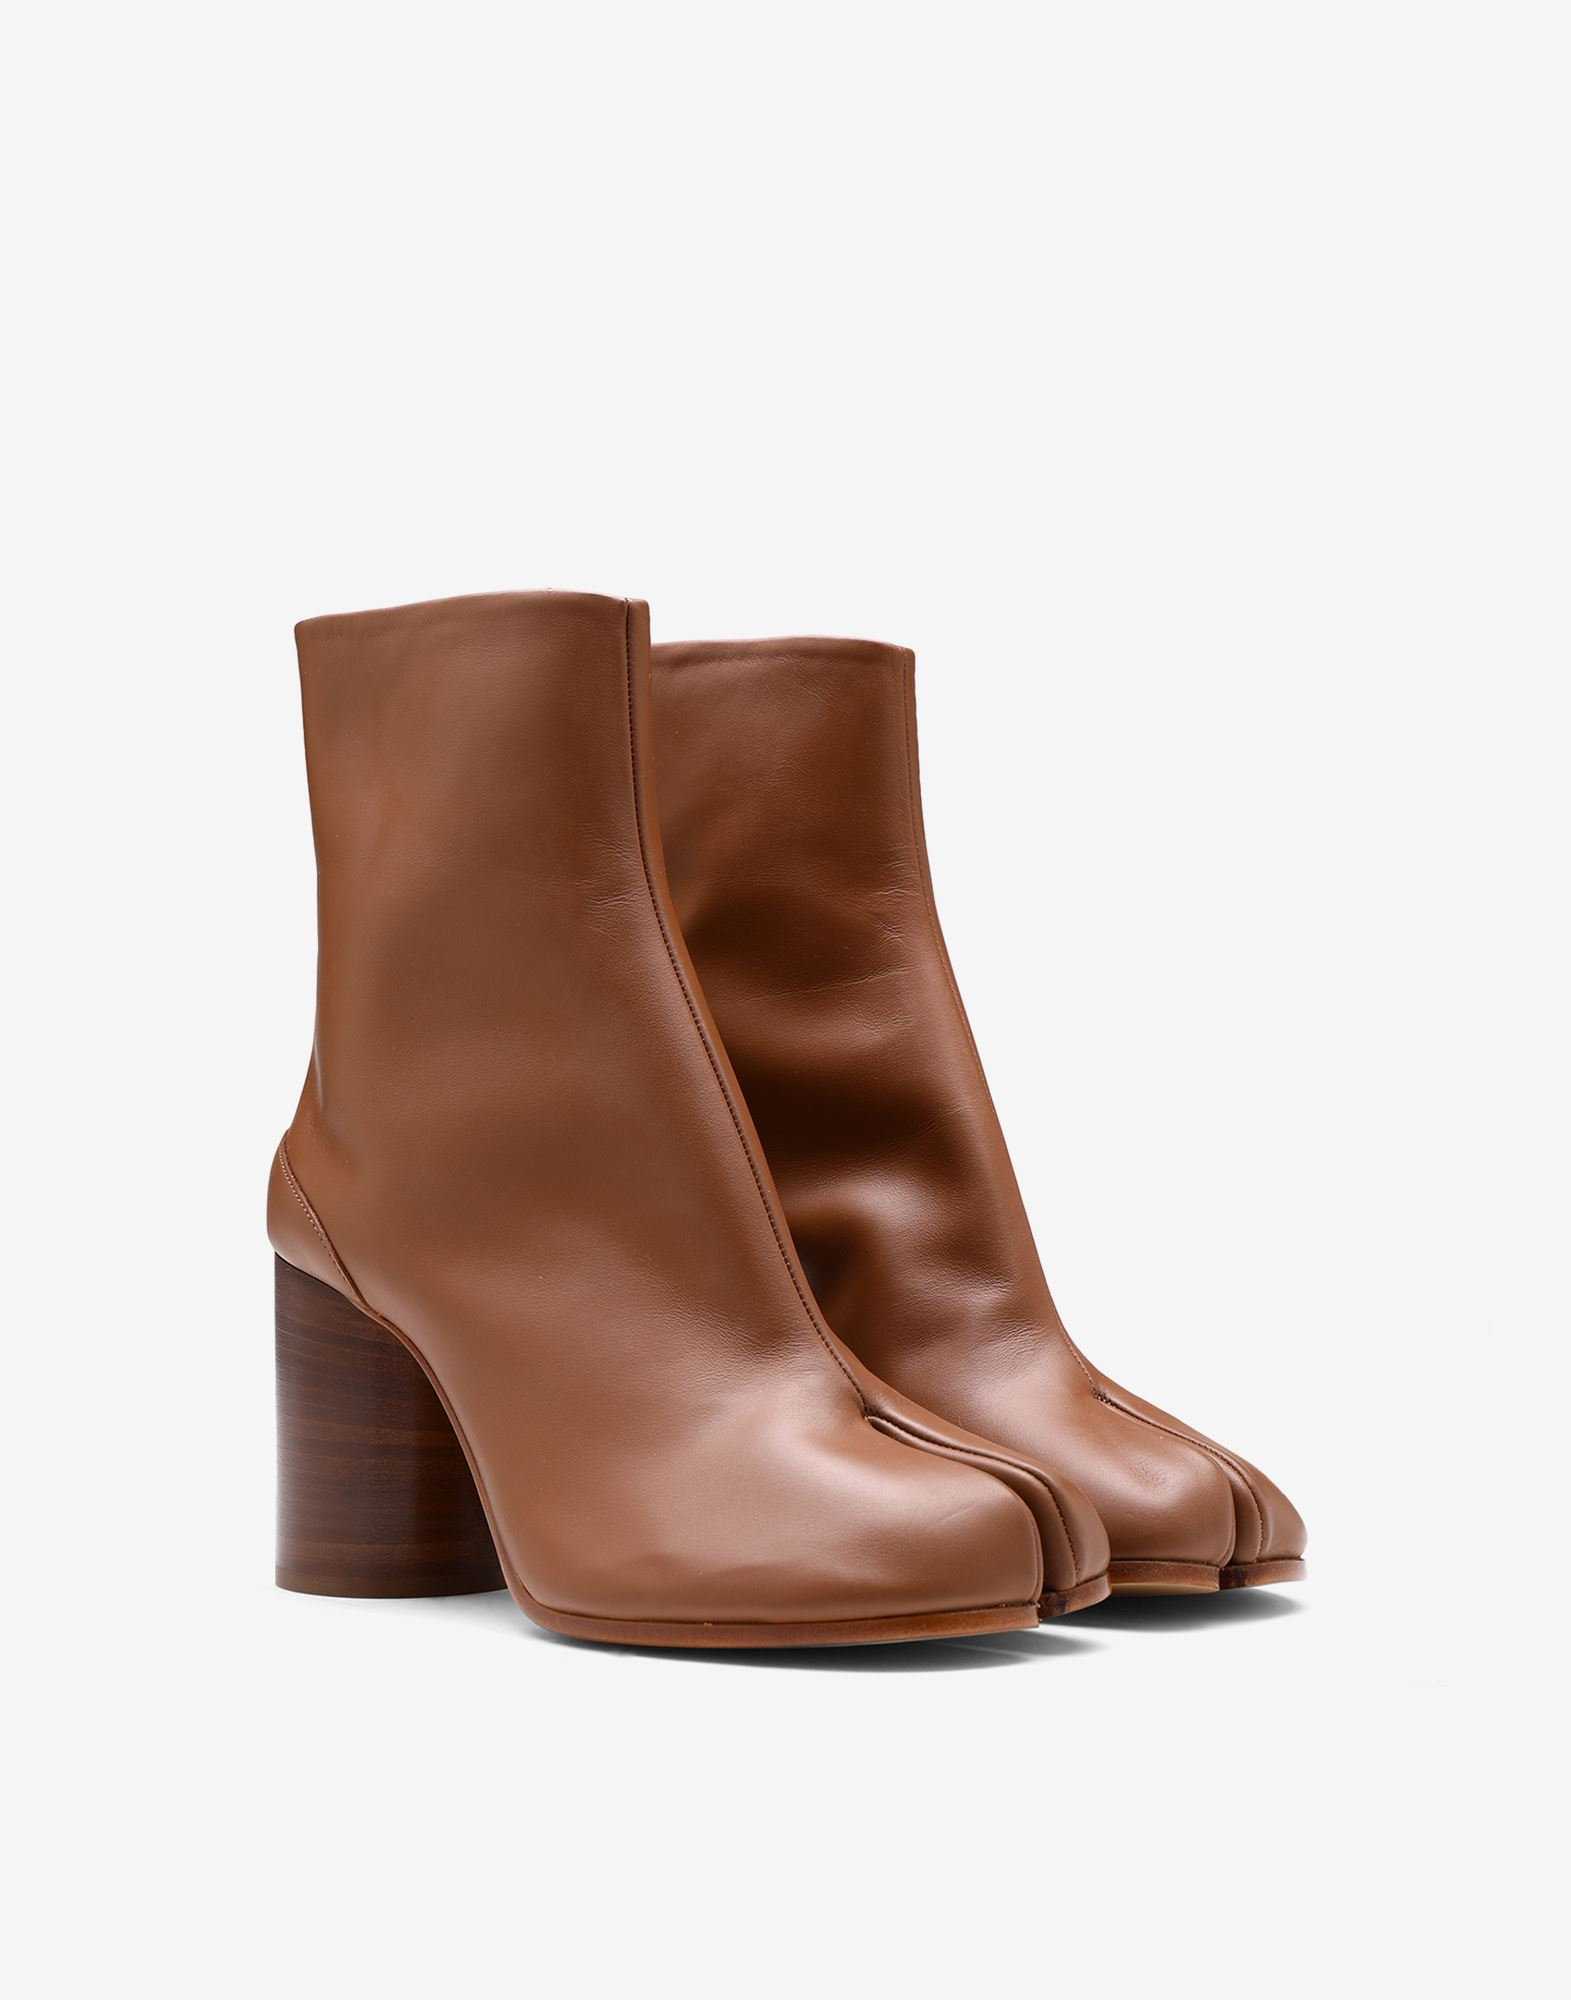 MAISON MARGIELA Tabi calfskin boots Tabi boots Woman r